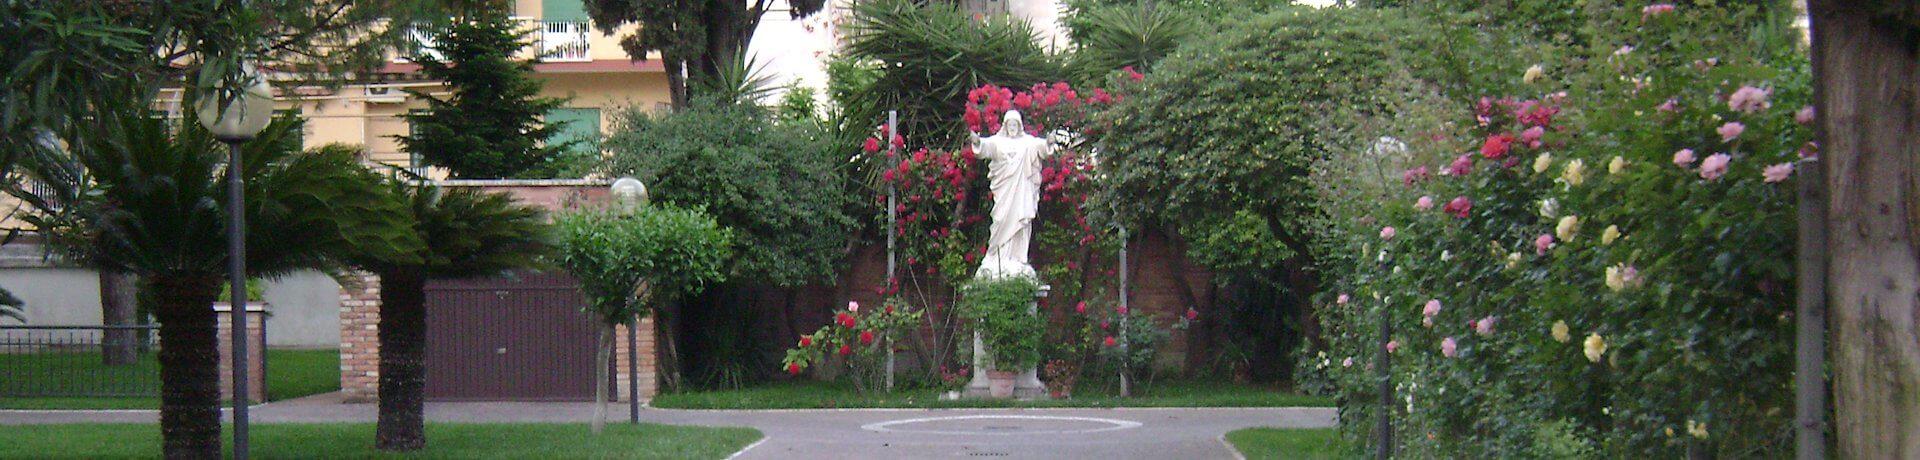 Istituto Sacro Cuore Roma Scuola Sacro Cuore - Giardino con statua di Gesù Cristo